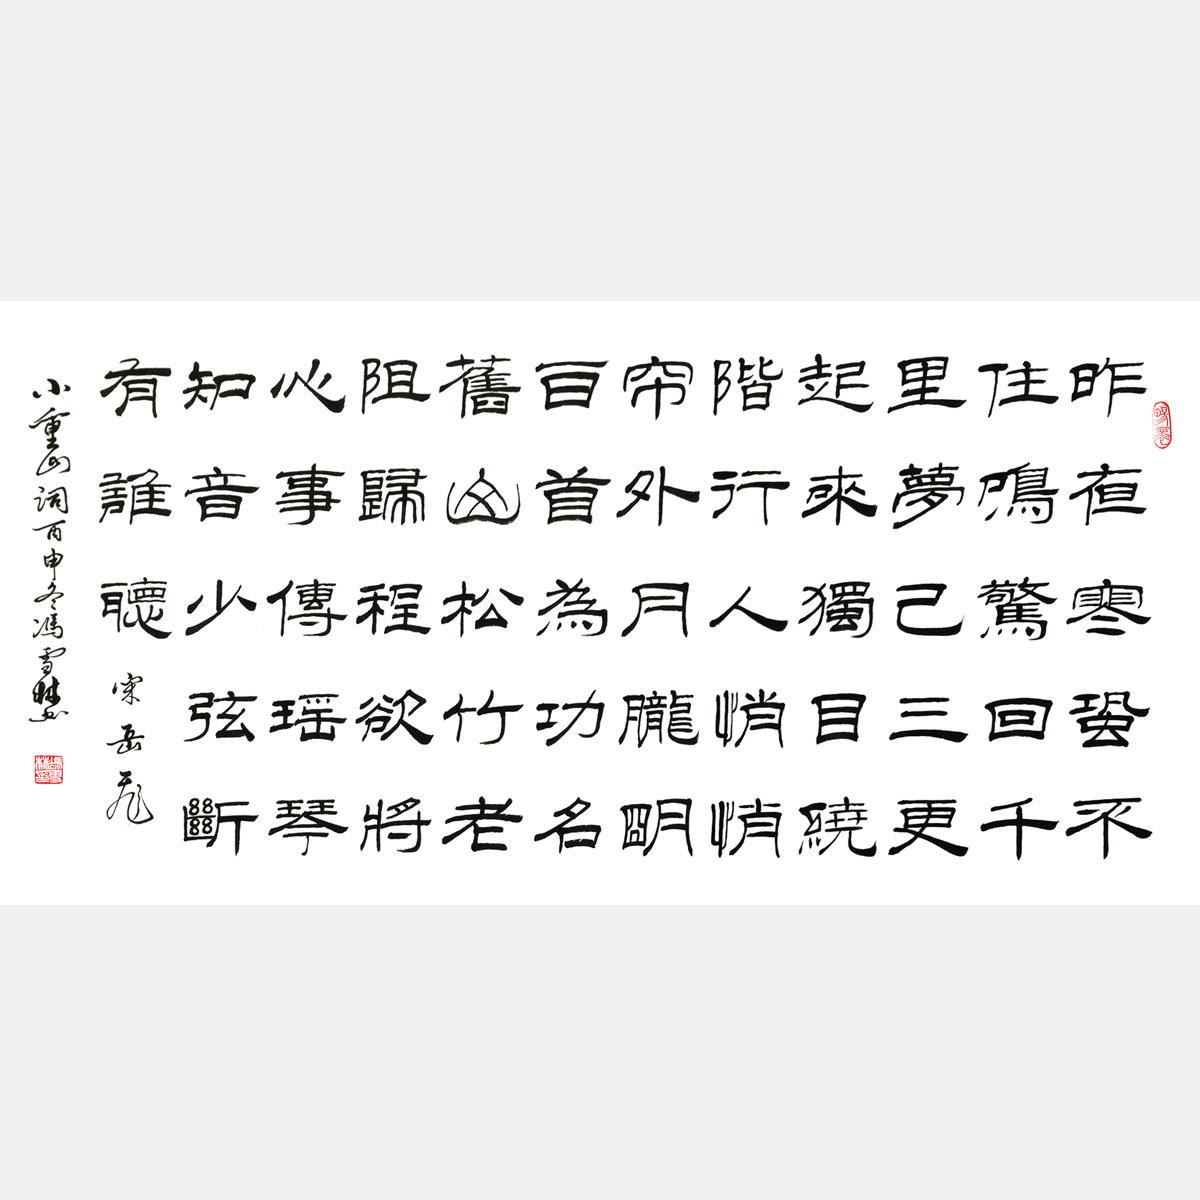 宋・岳飞《小重山・昨夜寒蛩不住鸣》书法作品